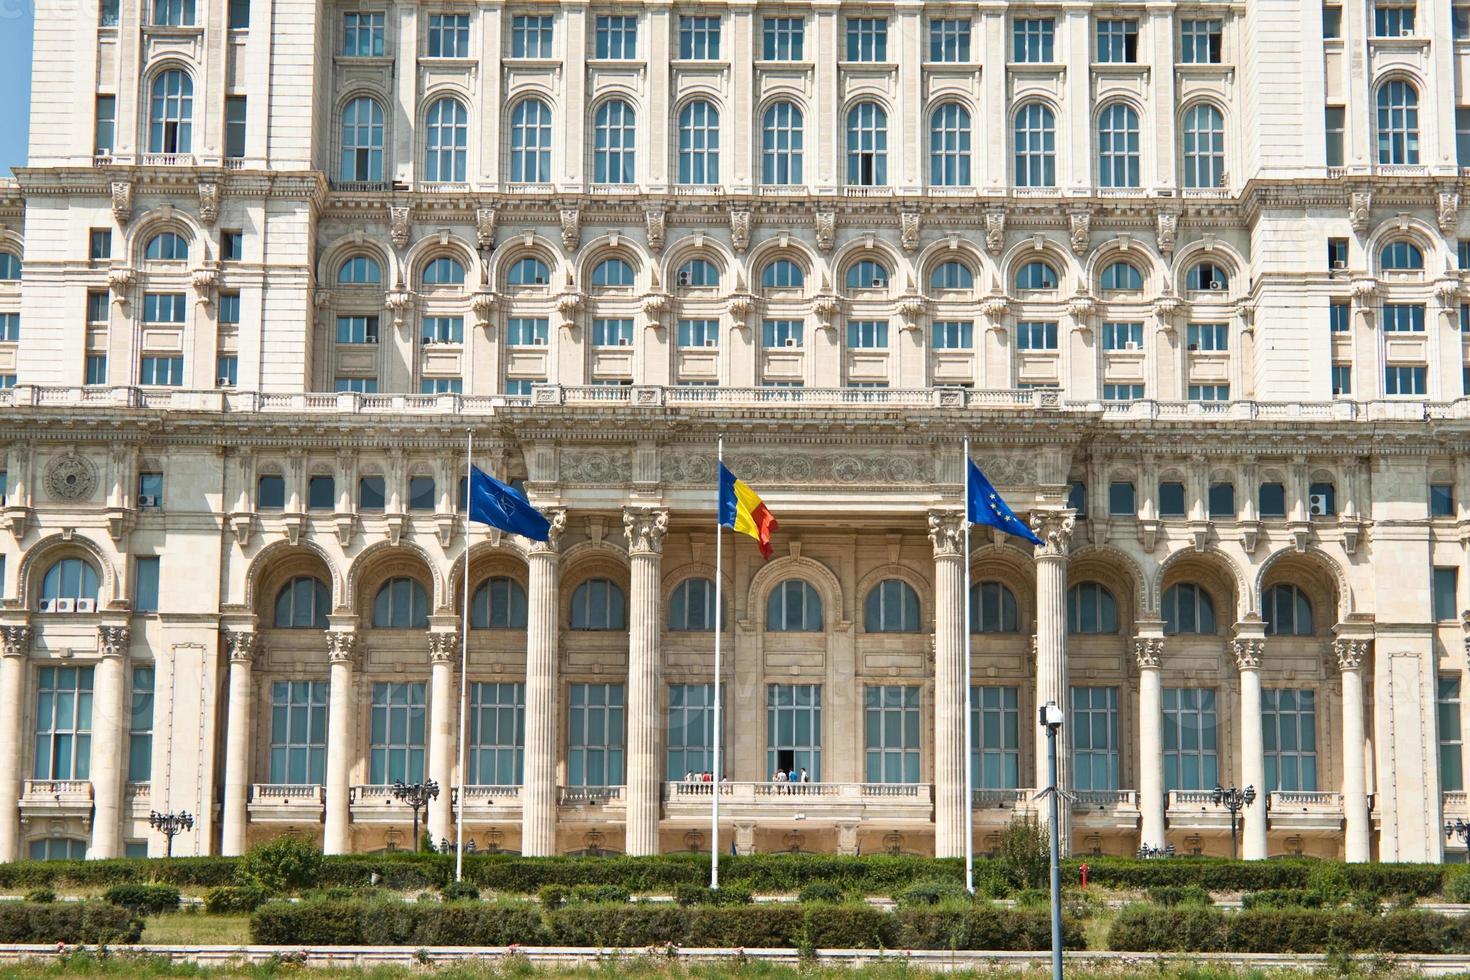 Vue de face du palais du parlement, Bucarest Roumanie photo